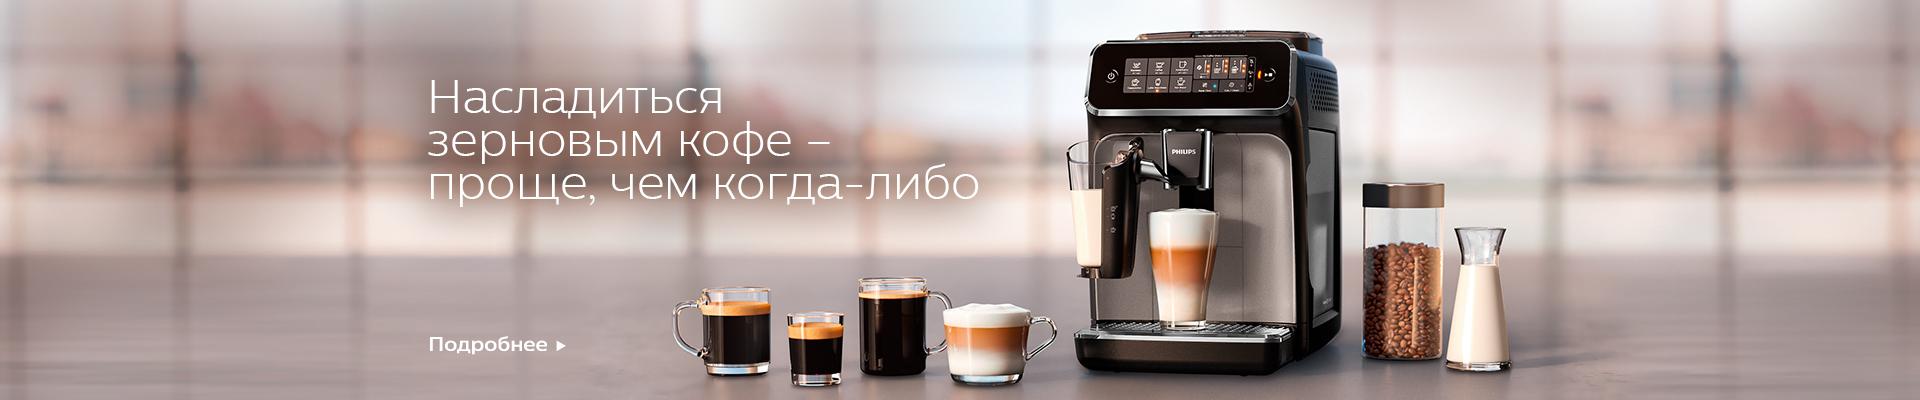 Насладиться зерновым кофе проще